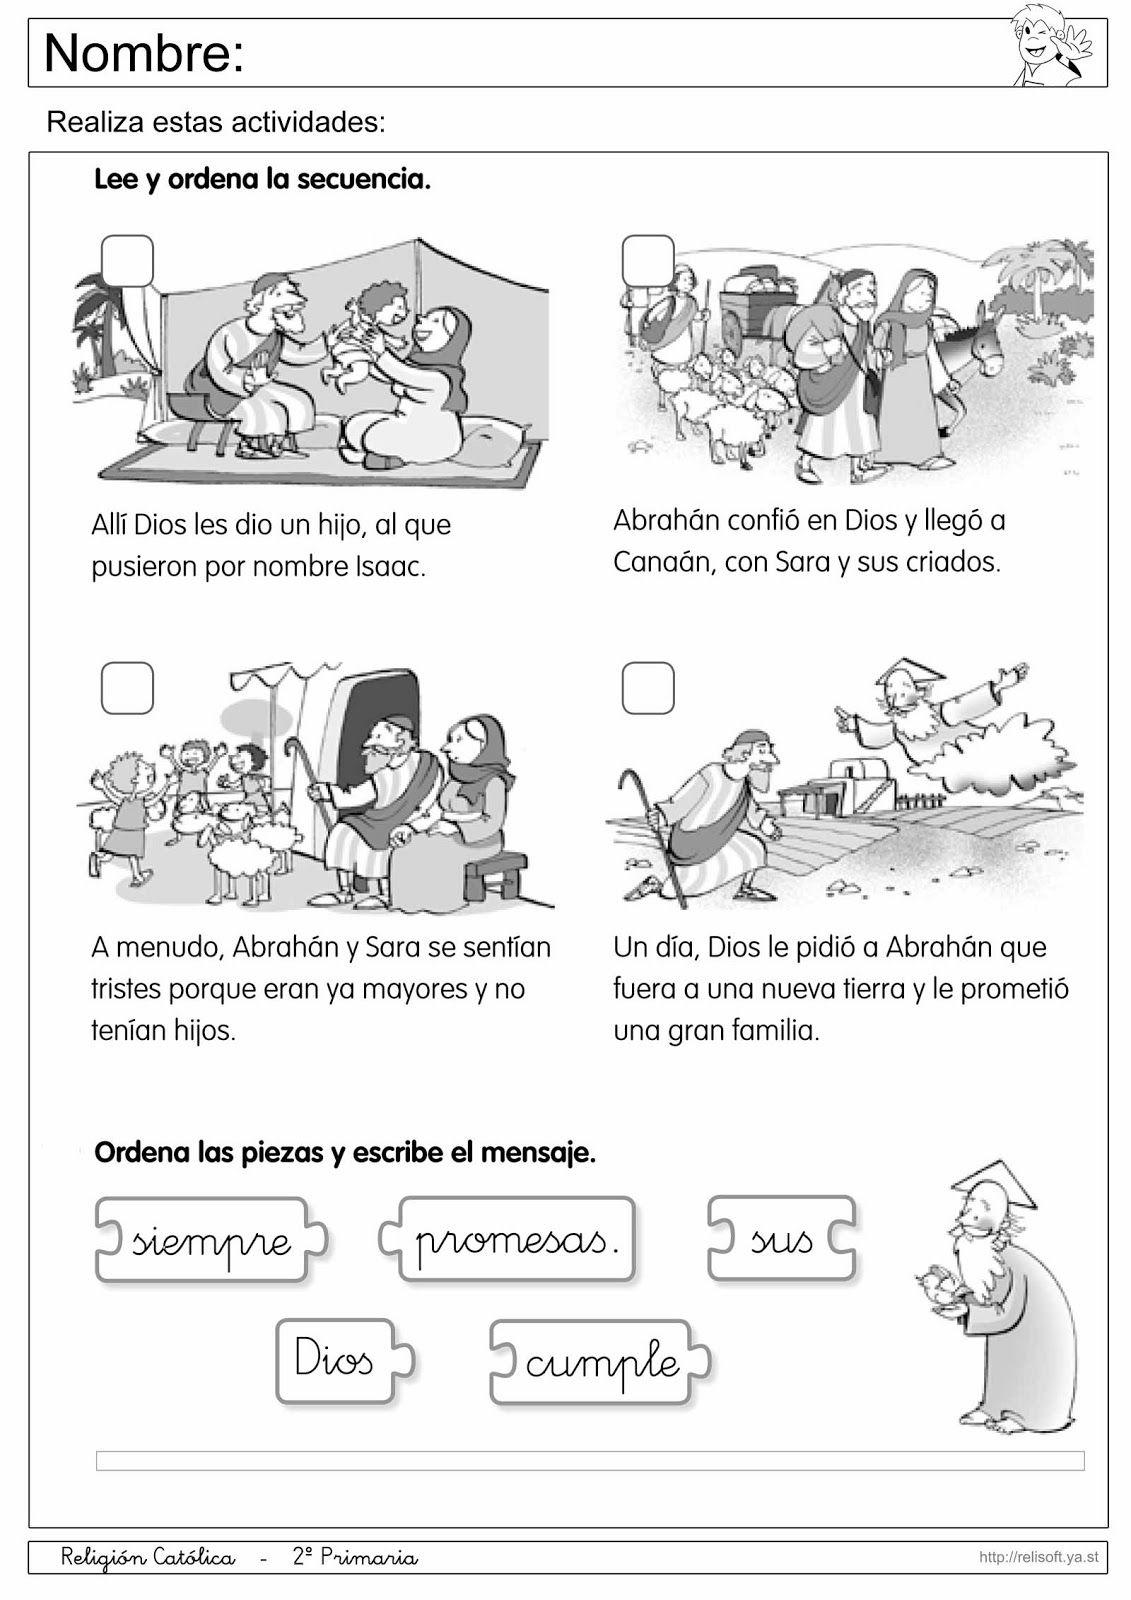 Recursos Religion Católica: Fichas 1º y 2º Primaria   Proyectos que ...